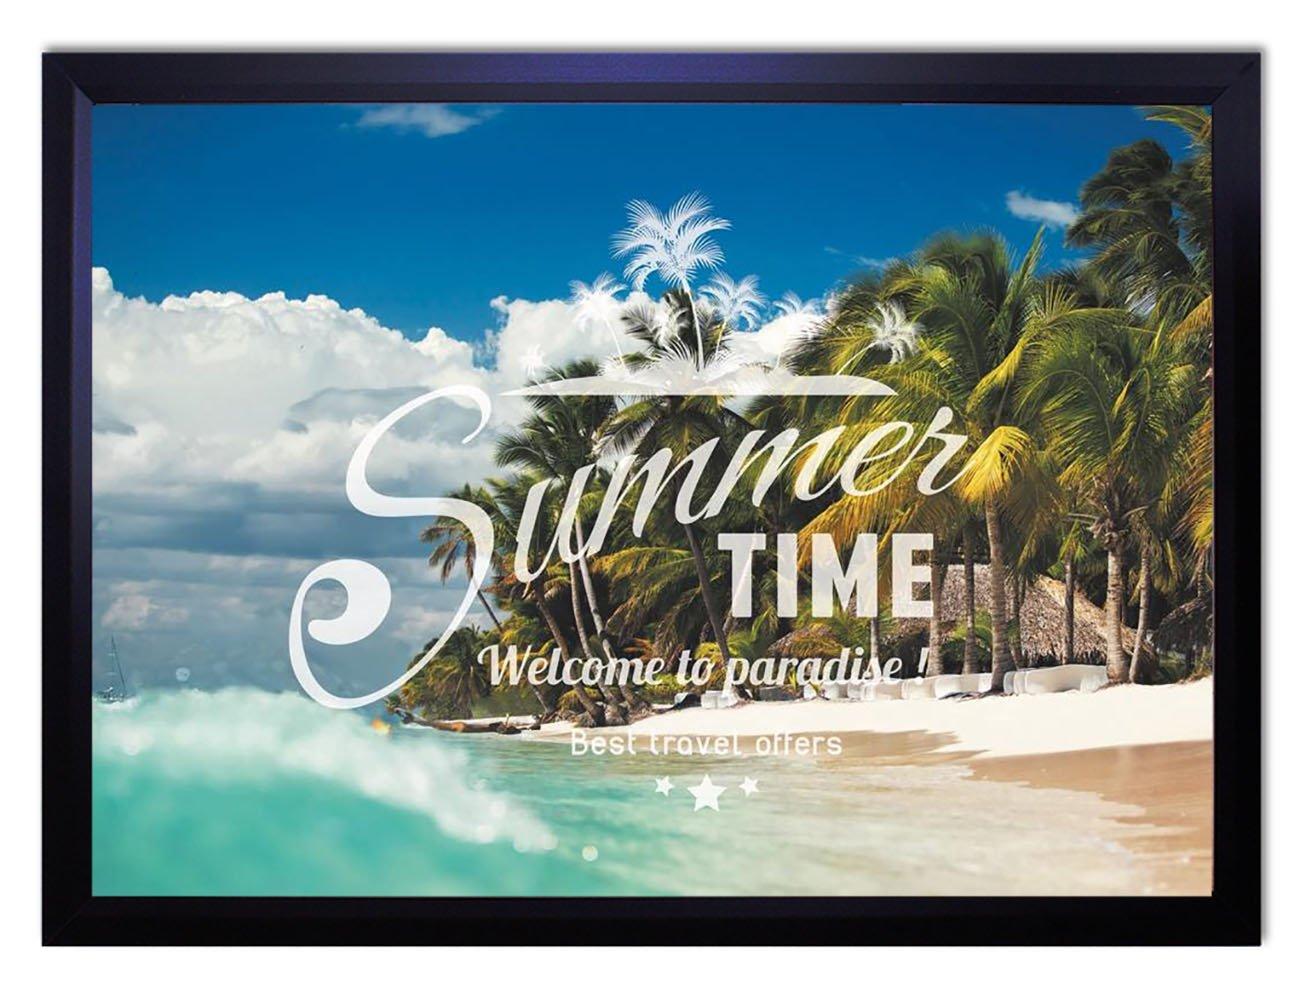 【DXポスター】海のポスター フレーム付きタイポグラフィ サーフ ハワイ 西海岸 リゾート モダン 現代アートP-A2-GLT-1604-0068-wh P-A2-GLT-1604-0068-wh B073SHB22B A2サイズ(59.4cm×42cm)+ホワイトフレーム A2サイズ(59.4cm×42cm)+ホワイトフレーム